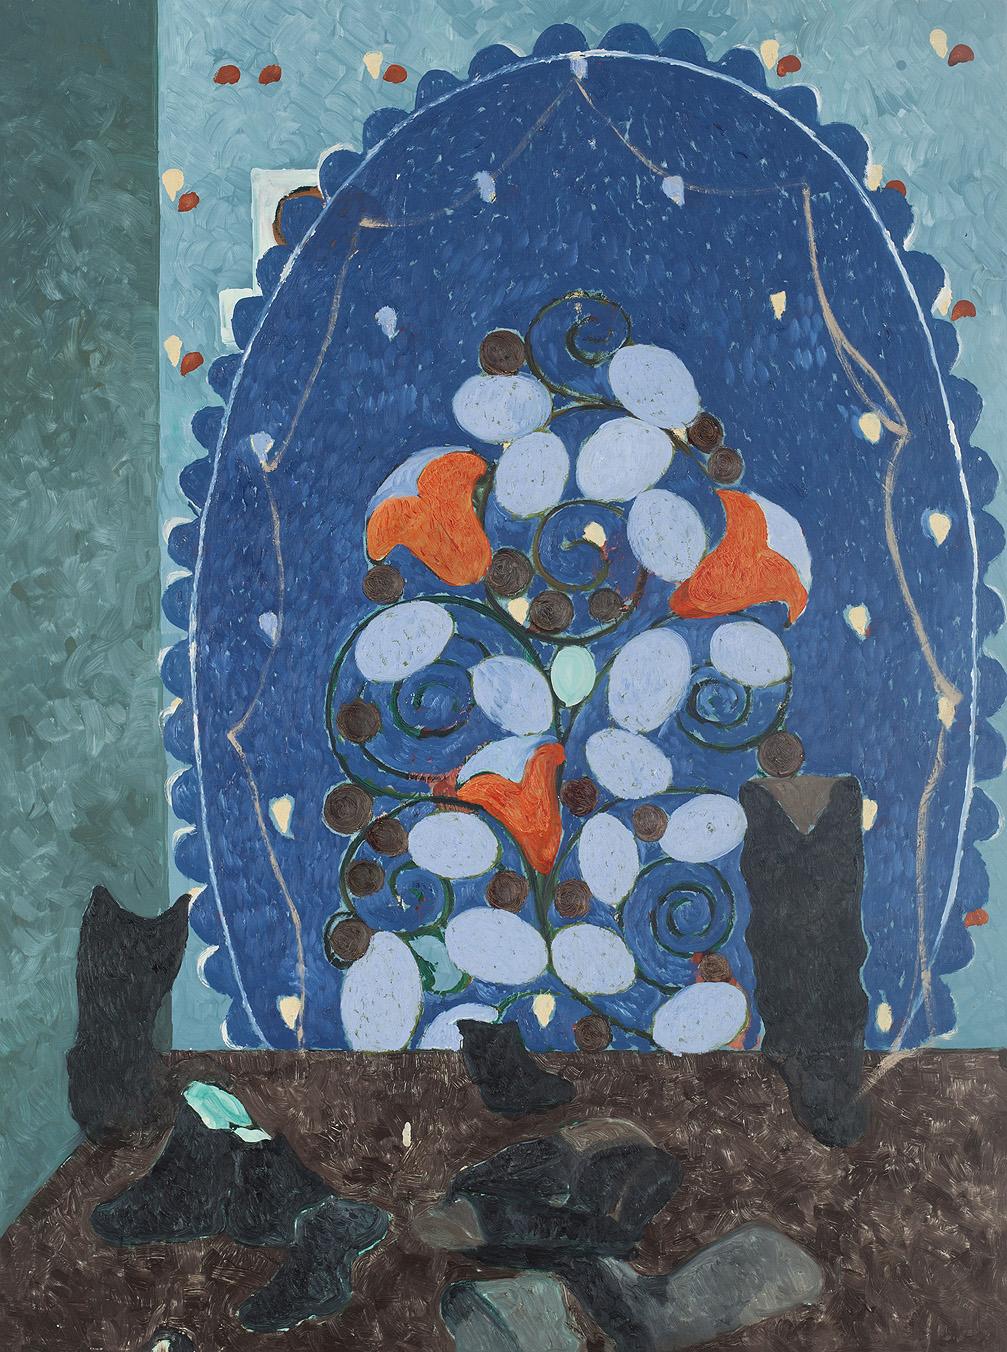 Keetje-Mans-red-in-Blue-olieverf-op-linnen-75x110-cm.jpg